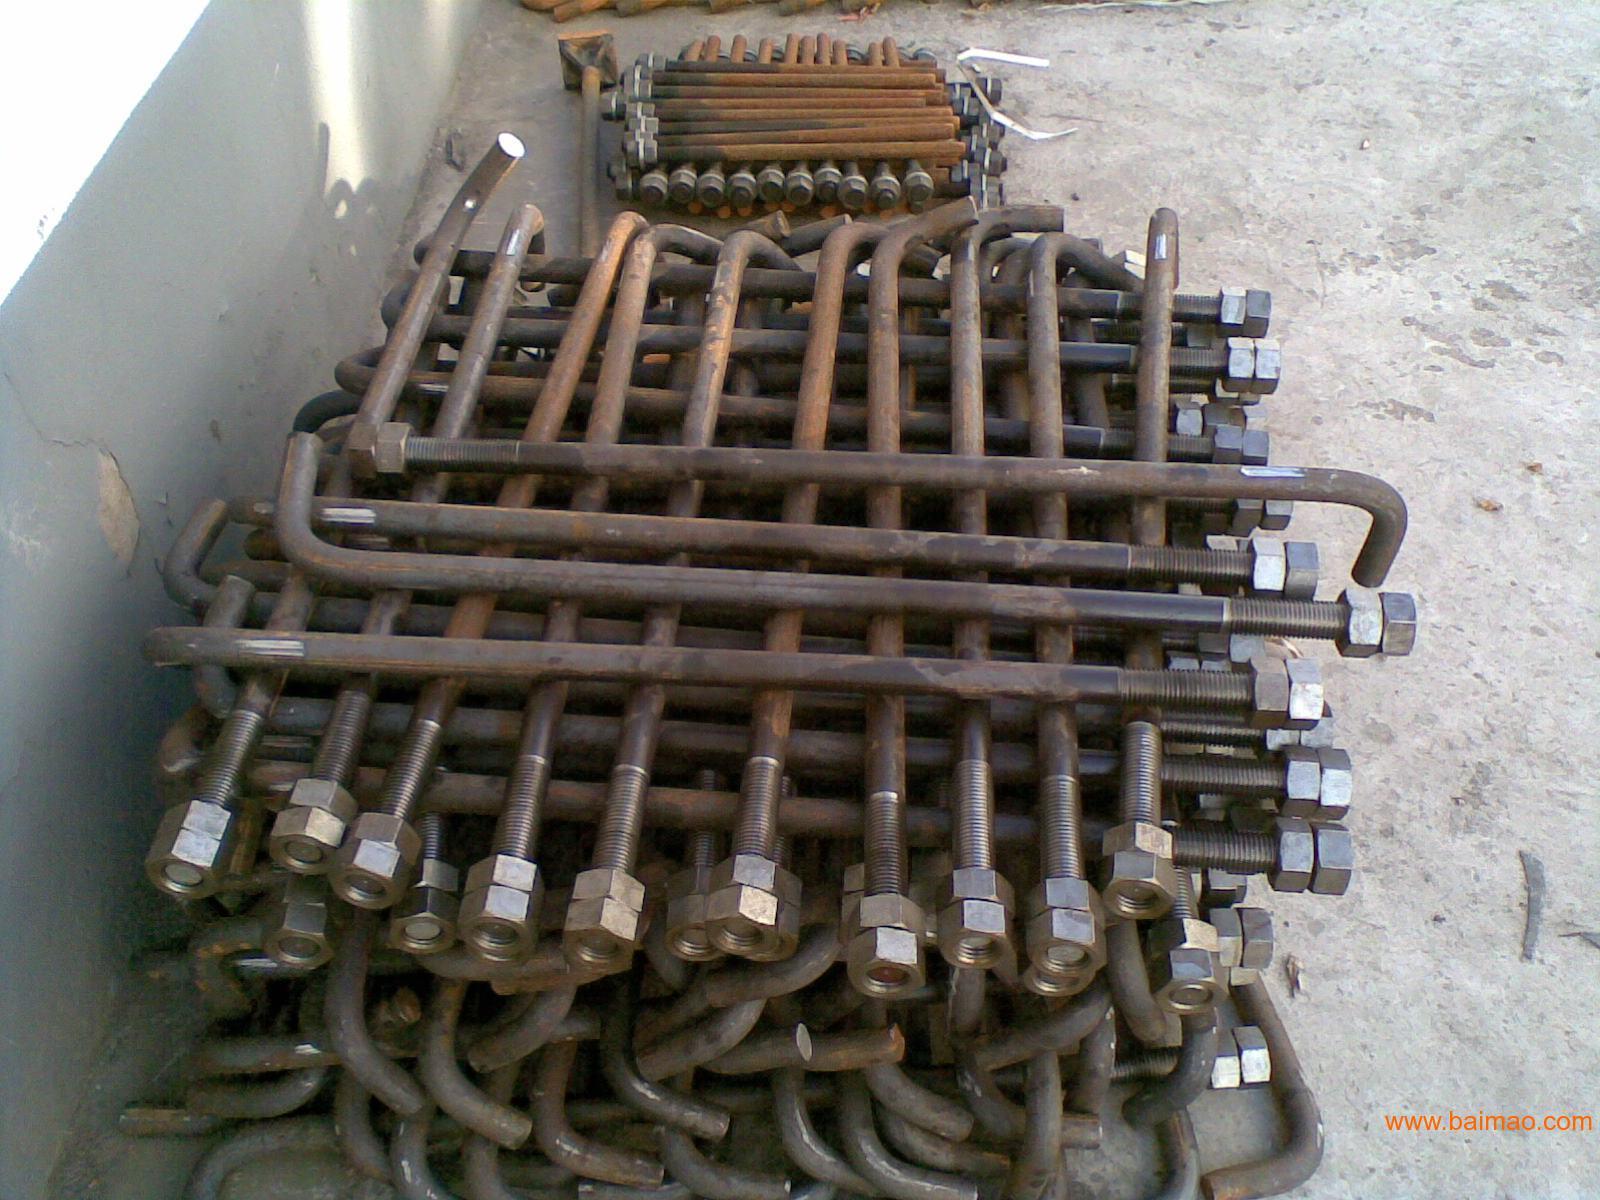 地脚螺栓(锚栓)通用图 HG/T 21545-2006-图纸图集 - 化工图集